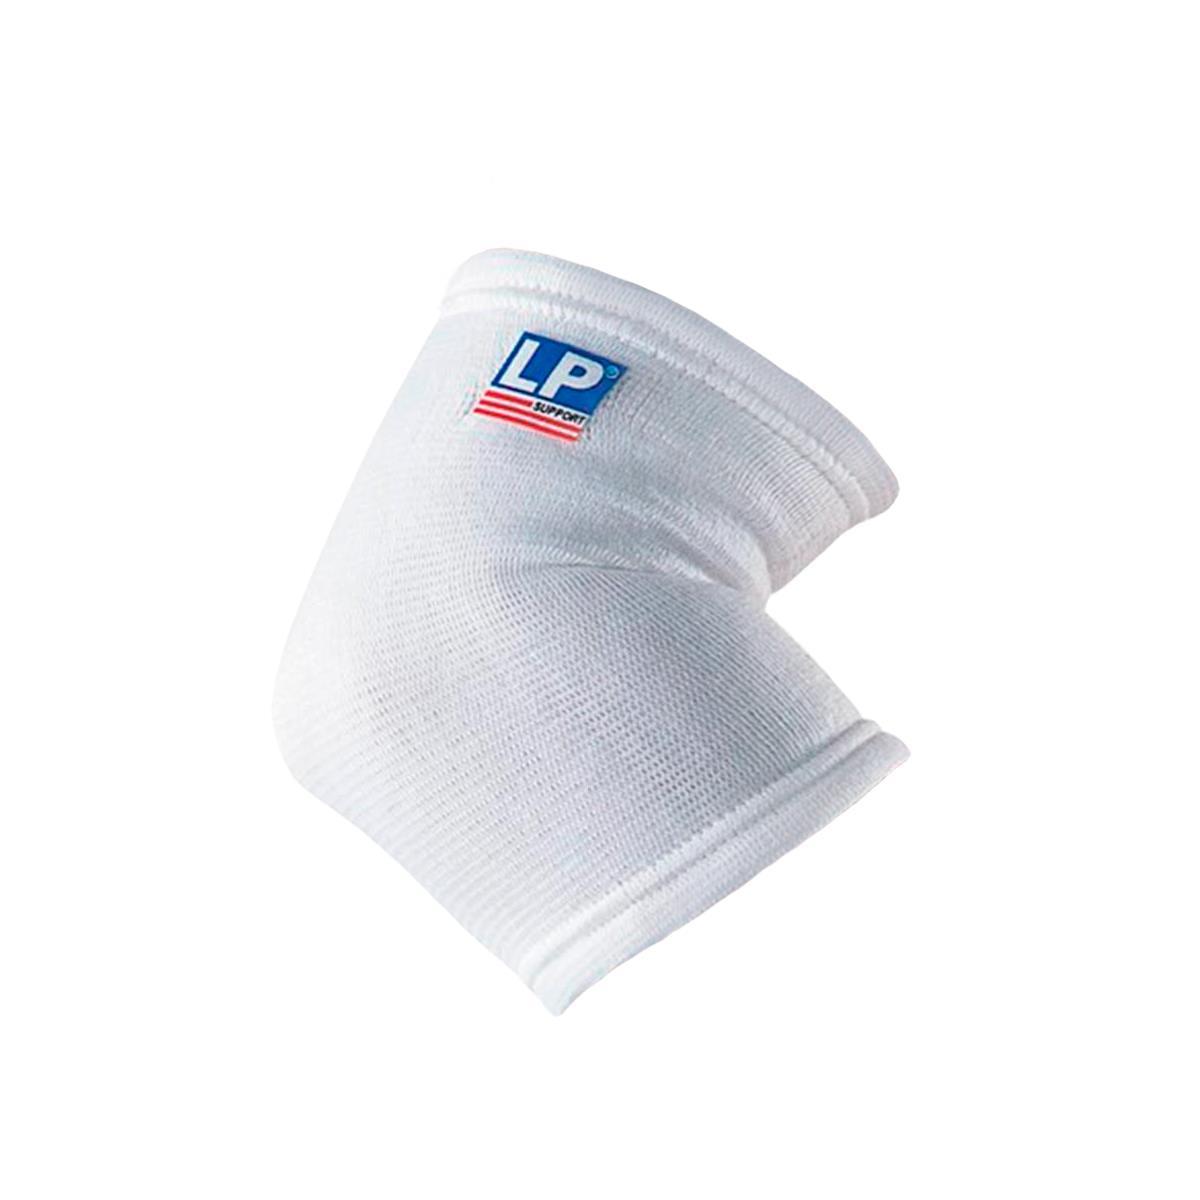 Cotoveleira Elástica Branco Par - Lp Support